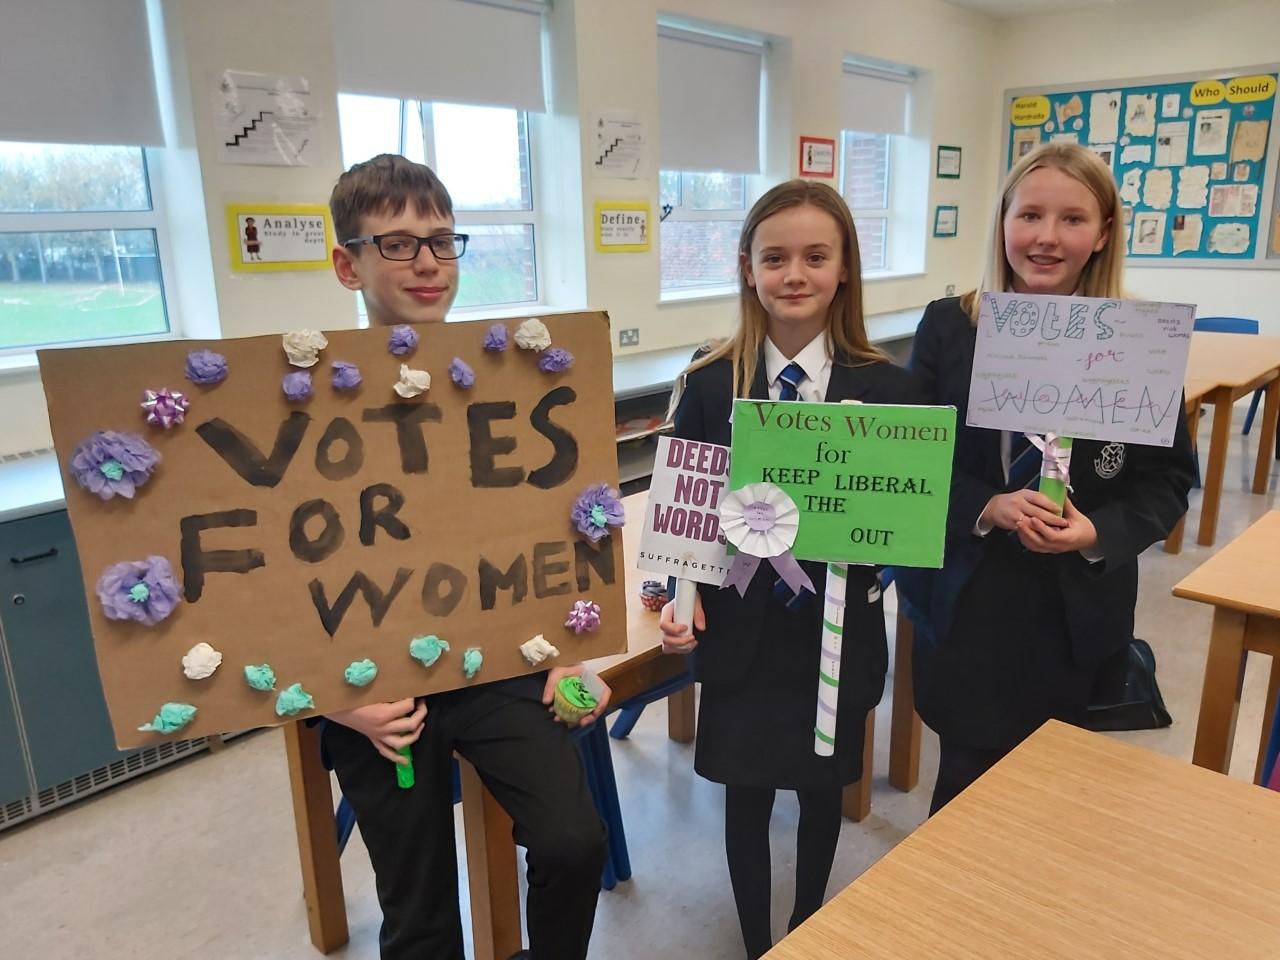 Votes 1 – Melanie Cartwright